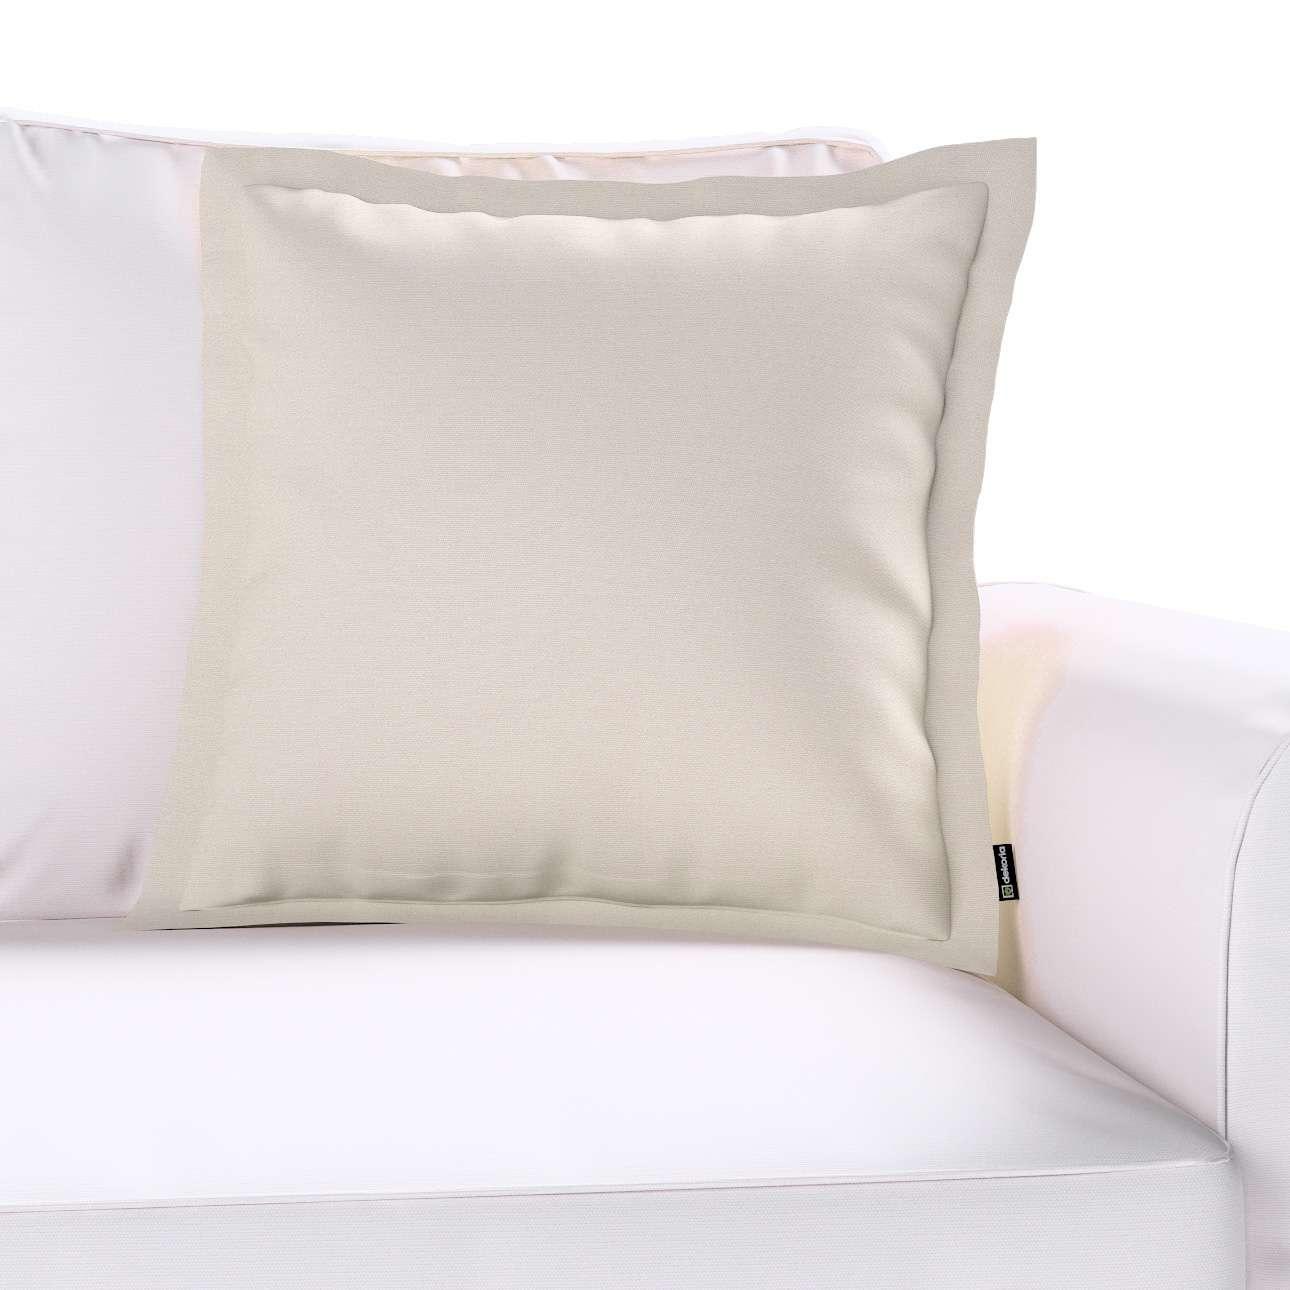 Poszewka Mona na poduszkę w kolekcji Cotton Panama, tkanina: 702-31